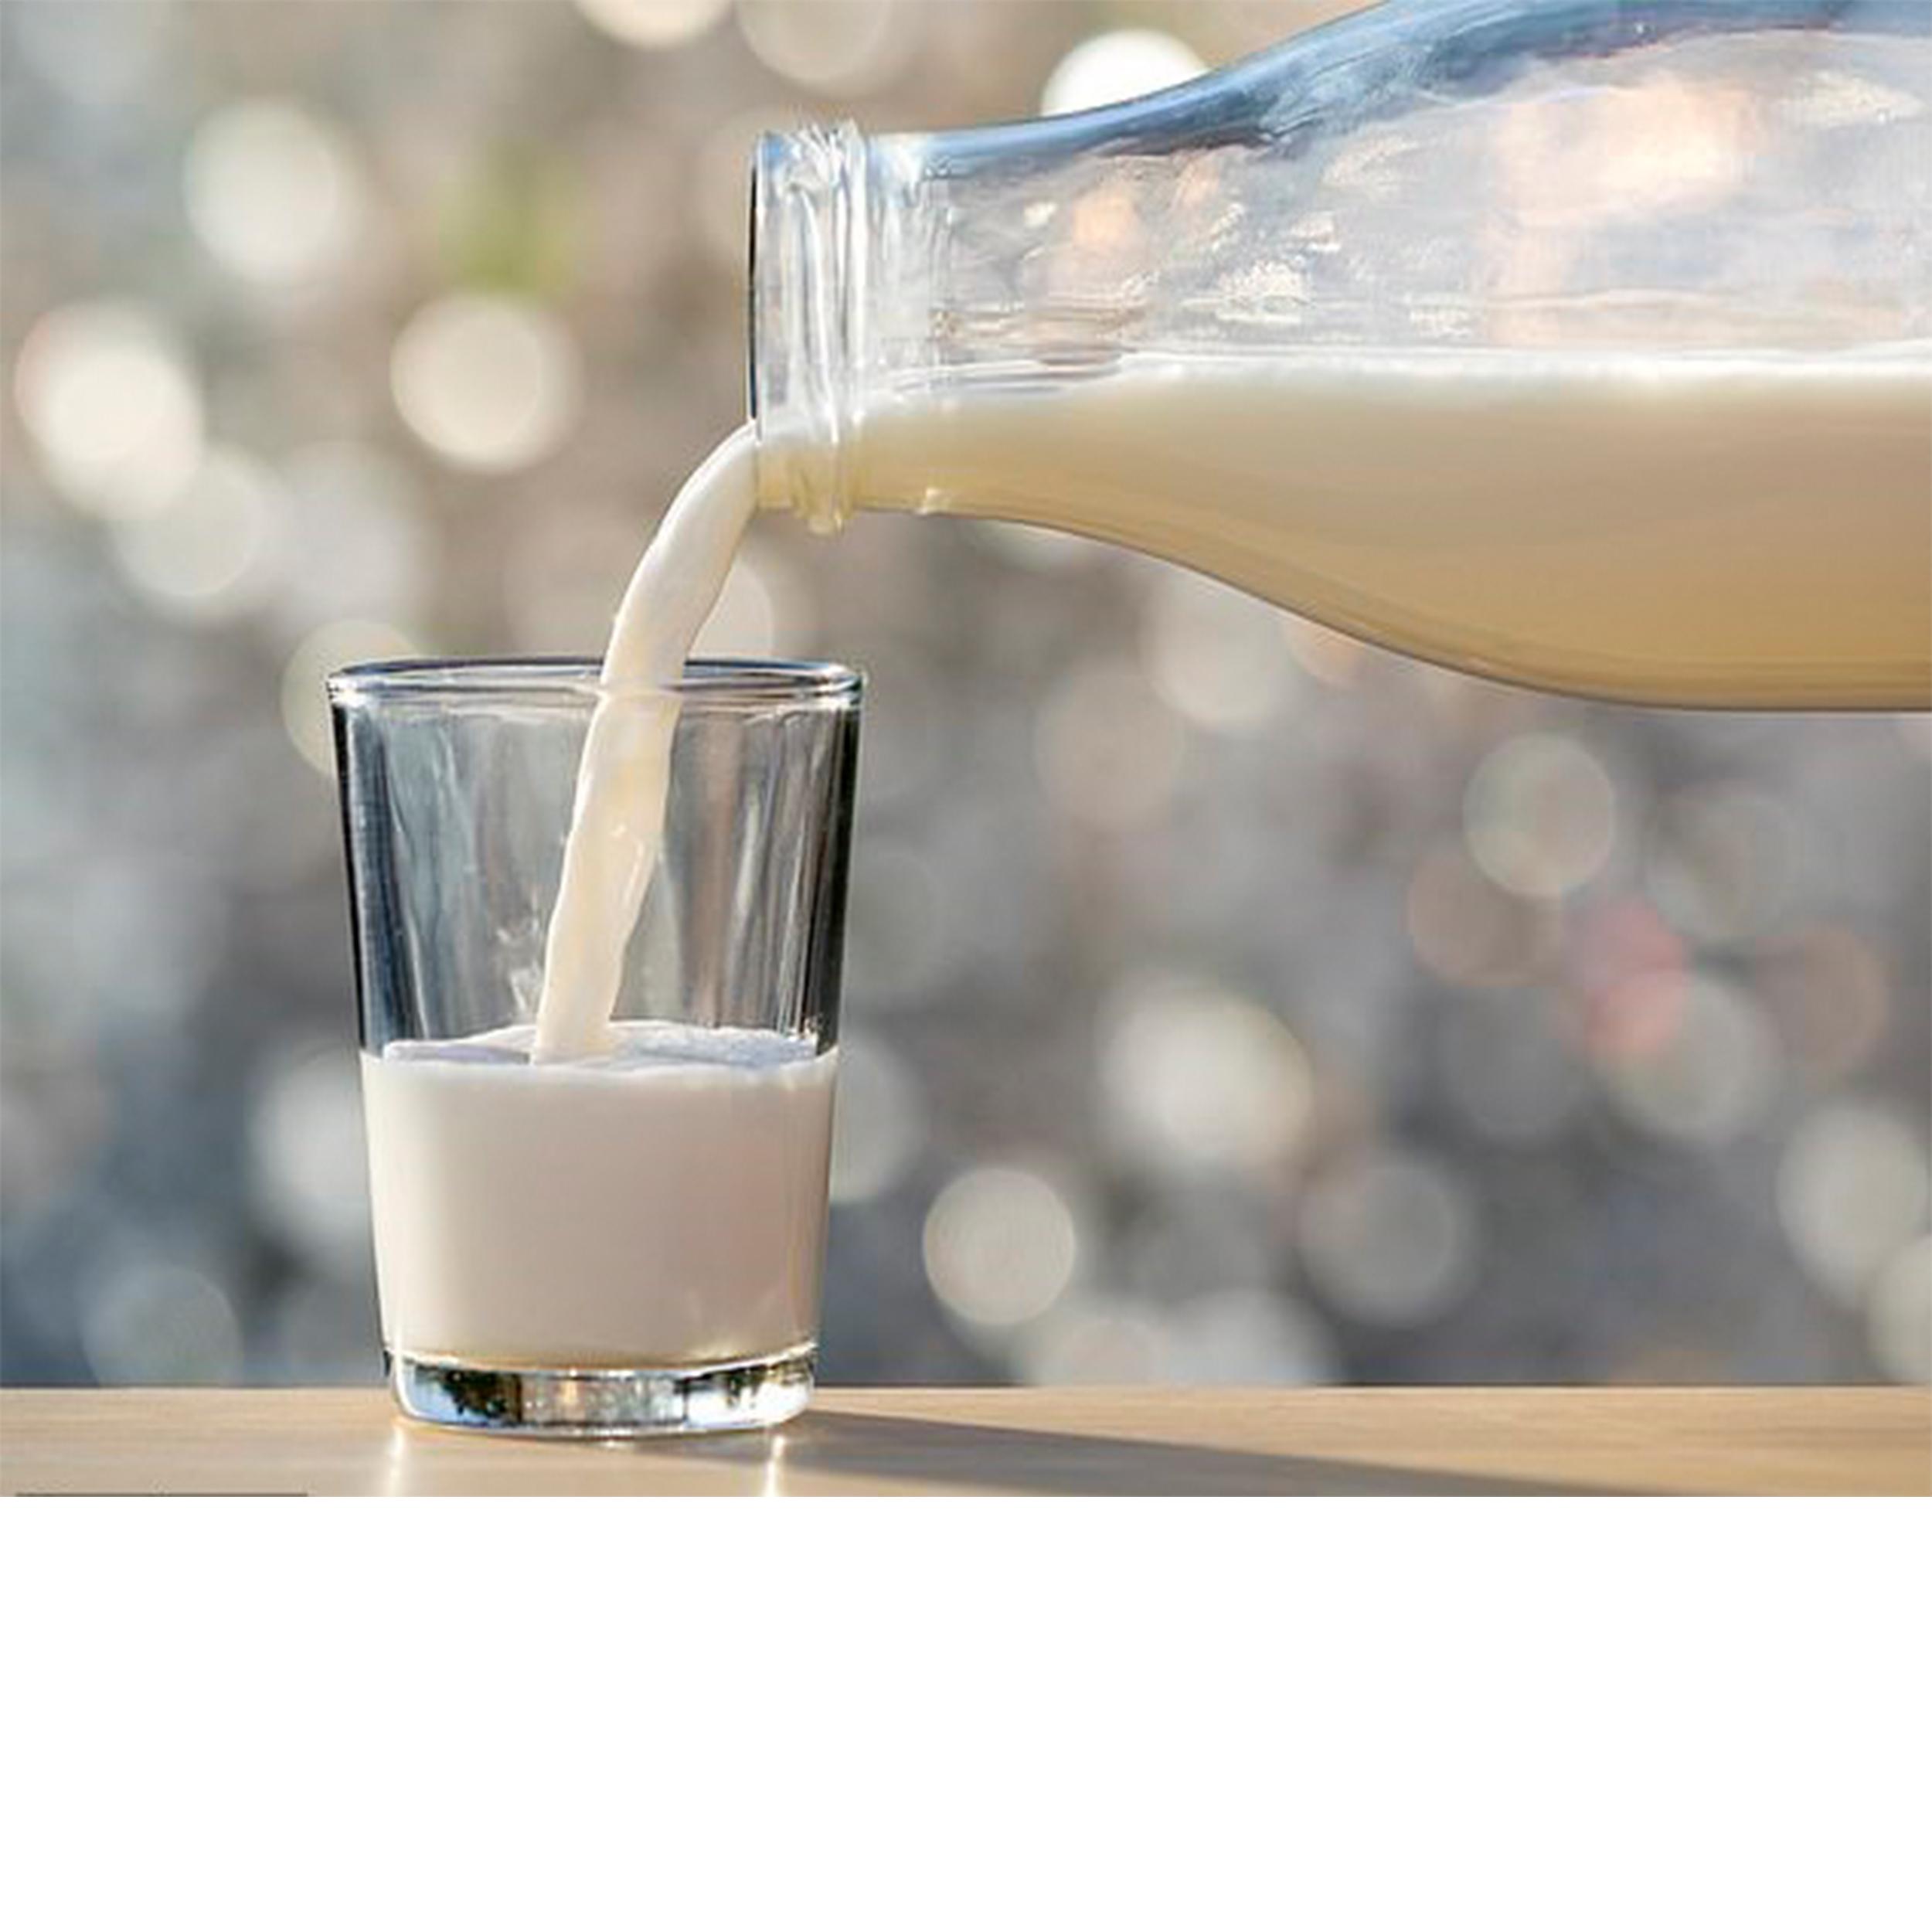 شیر پاستوریزه کامل دامداران - 946 میلی لیتر